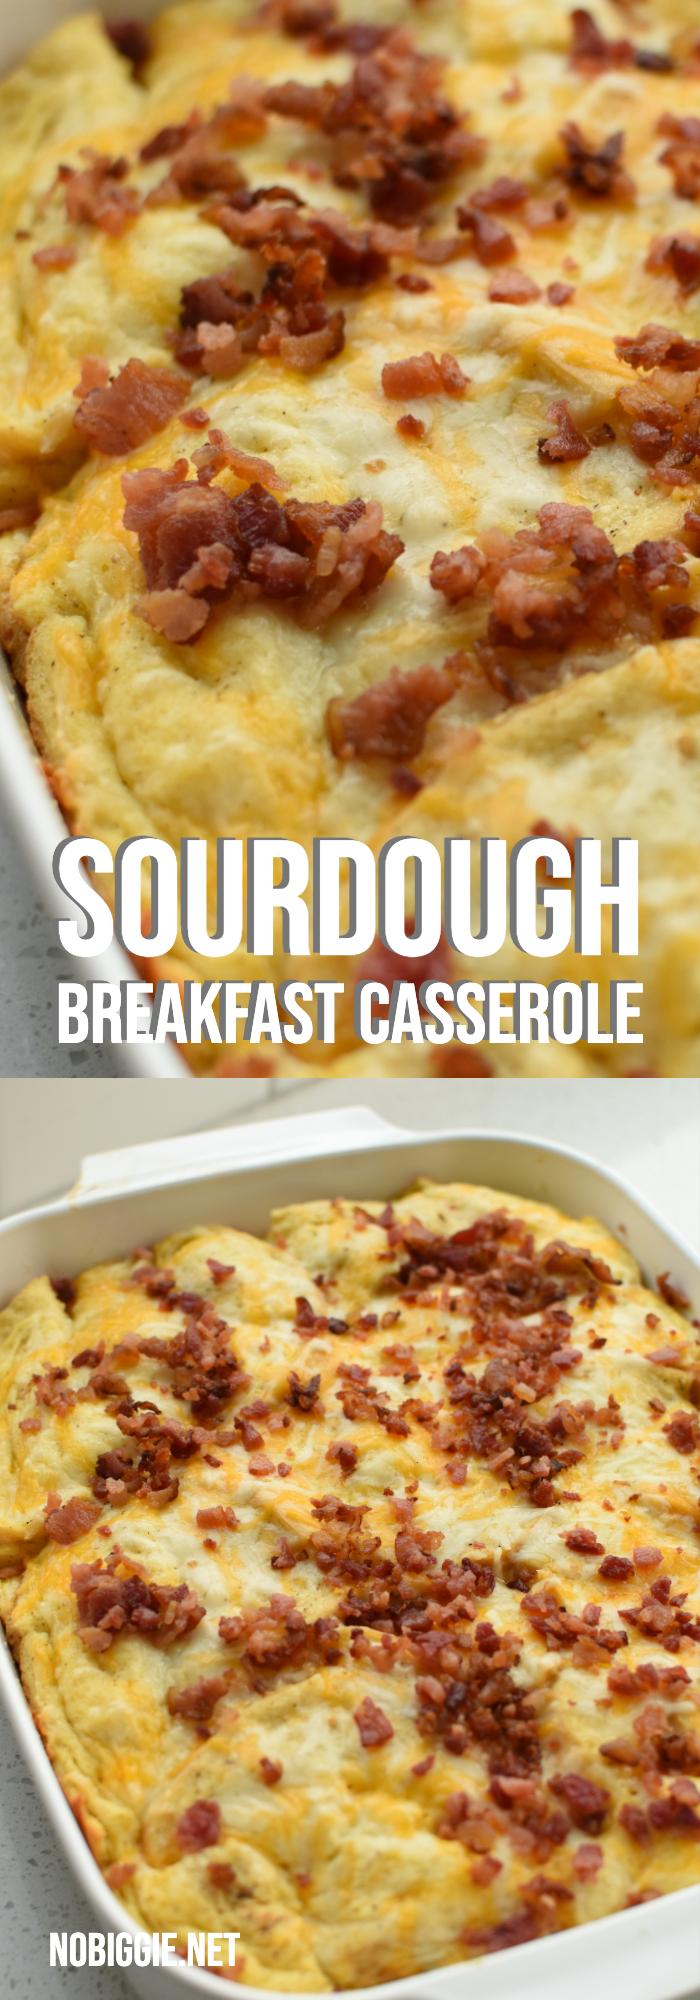 sourdough breakfast casserole